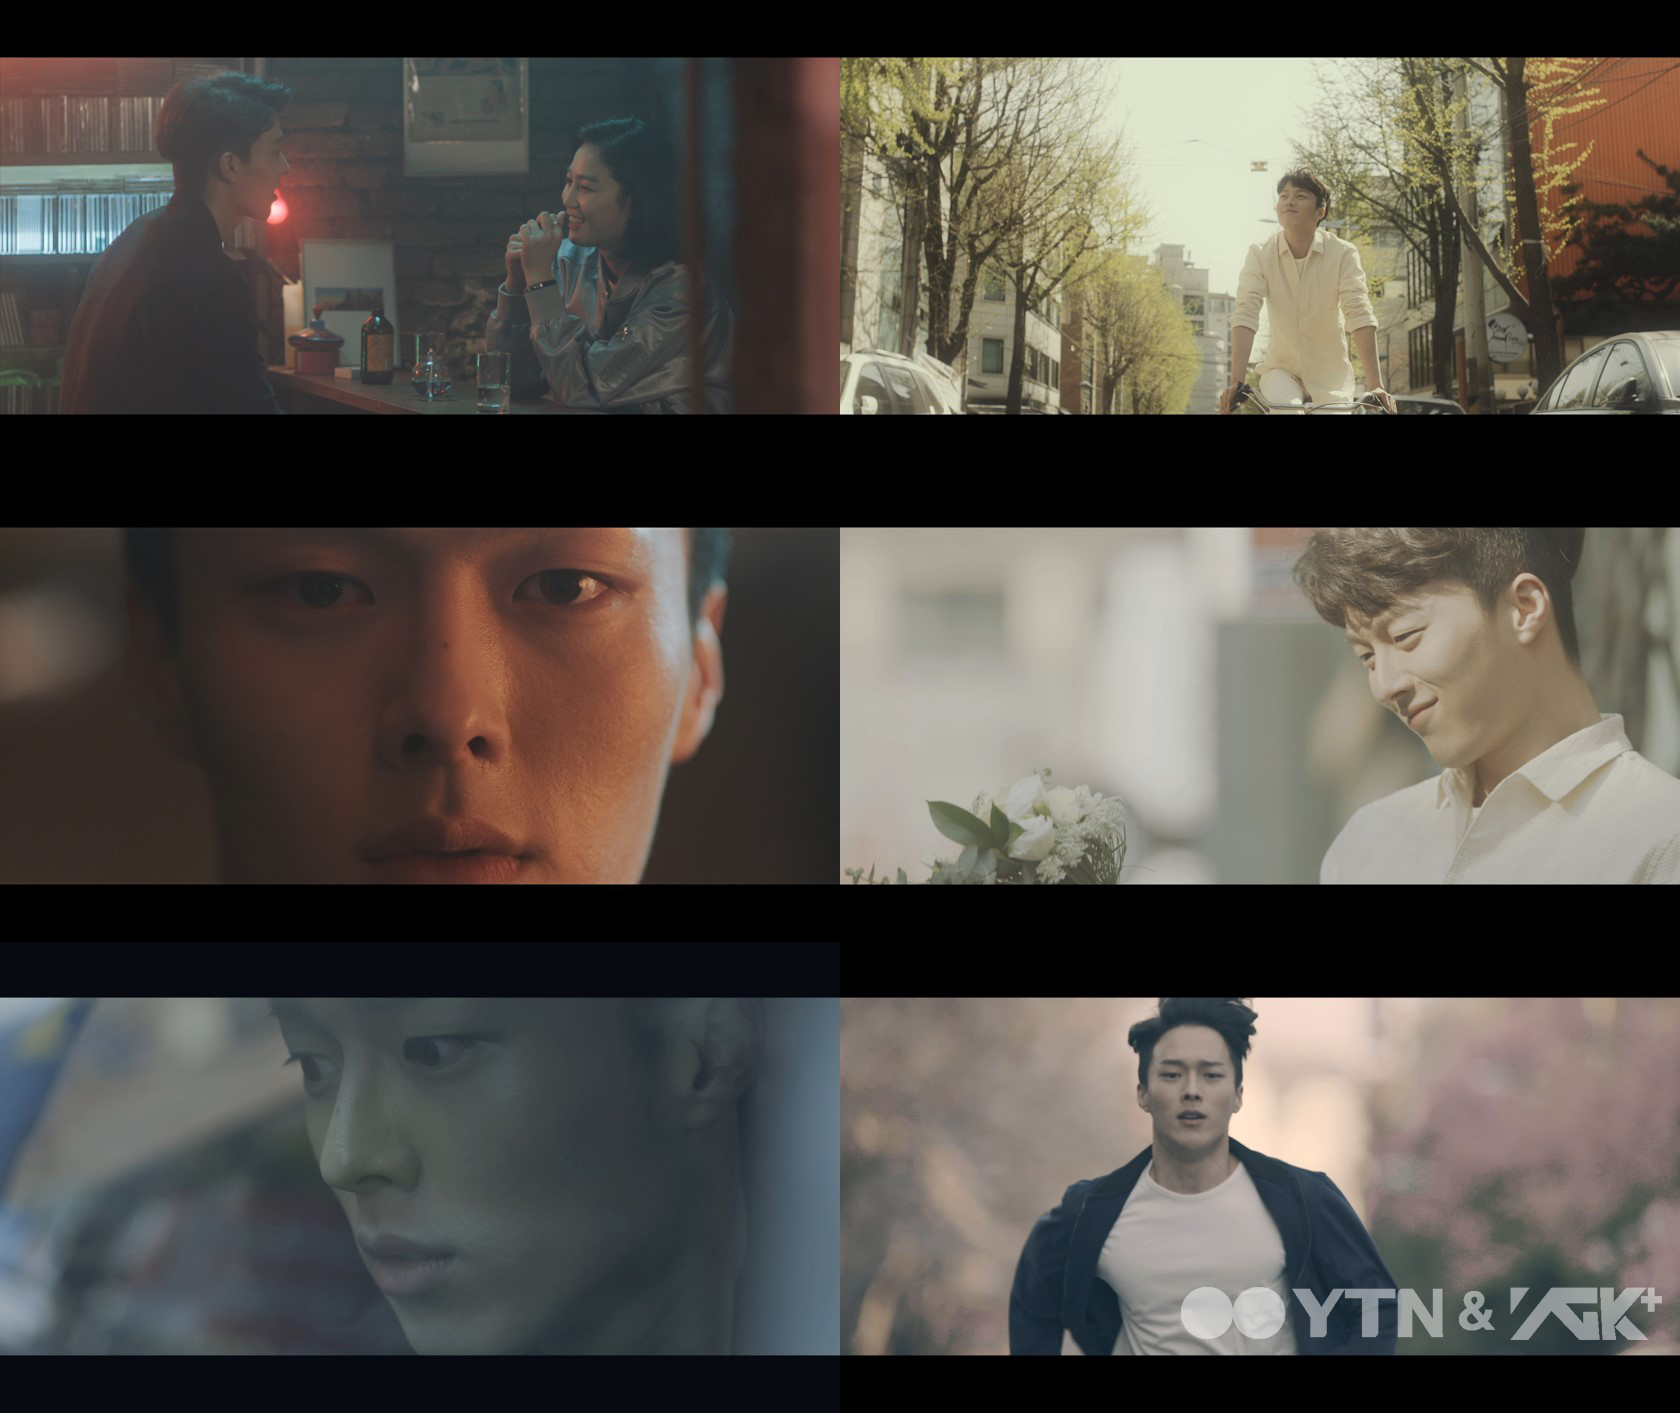 홍대광 신곡 '홍대에 가면' MV 속 주인공 장기용, 눈빛 연기로 여심 자극